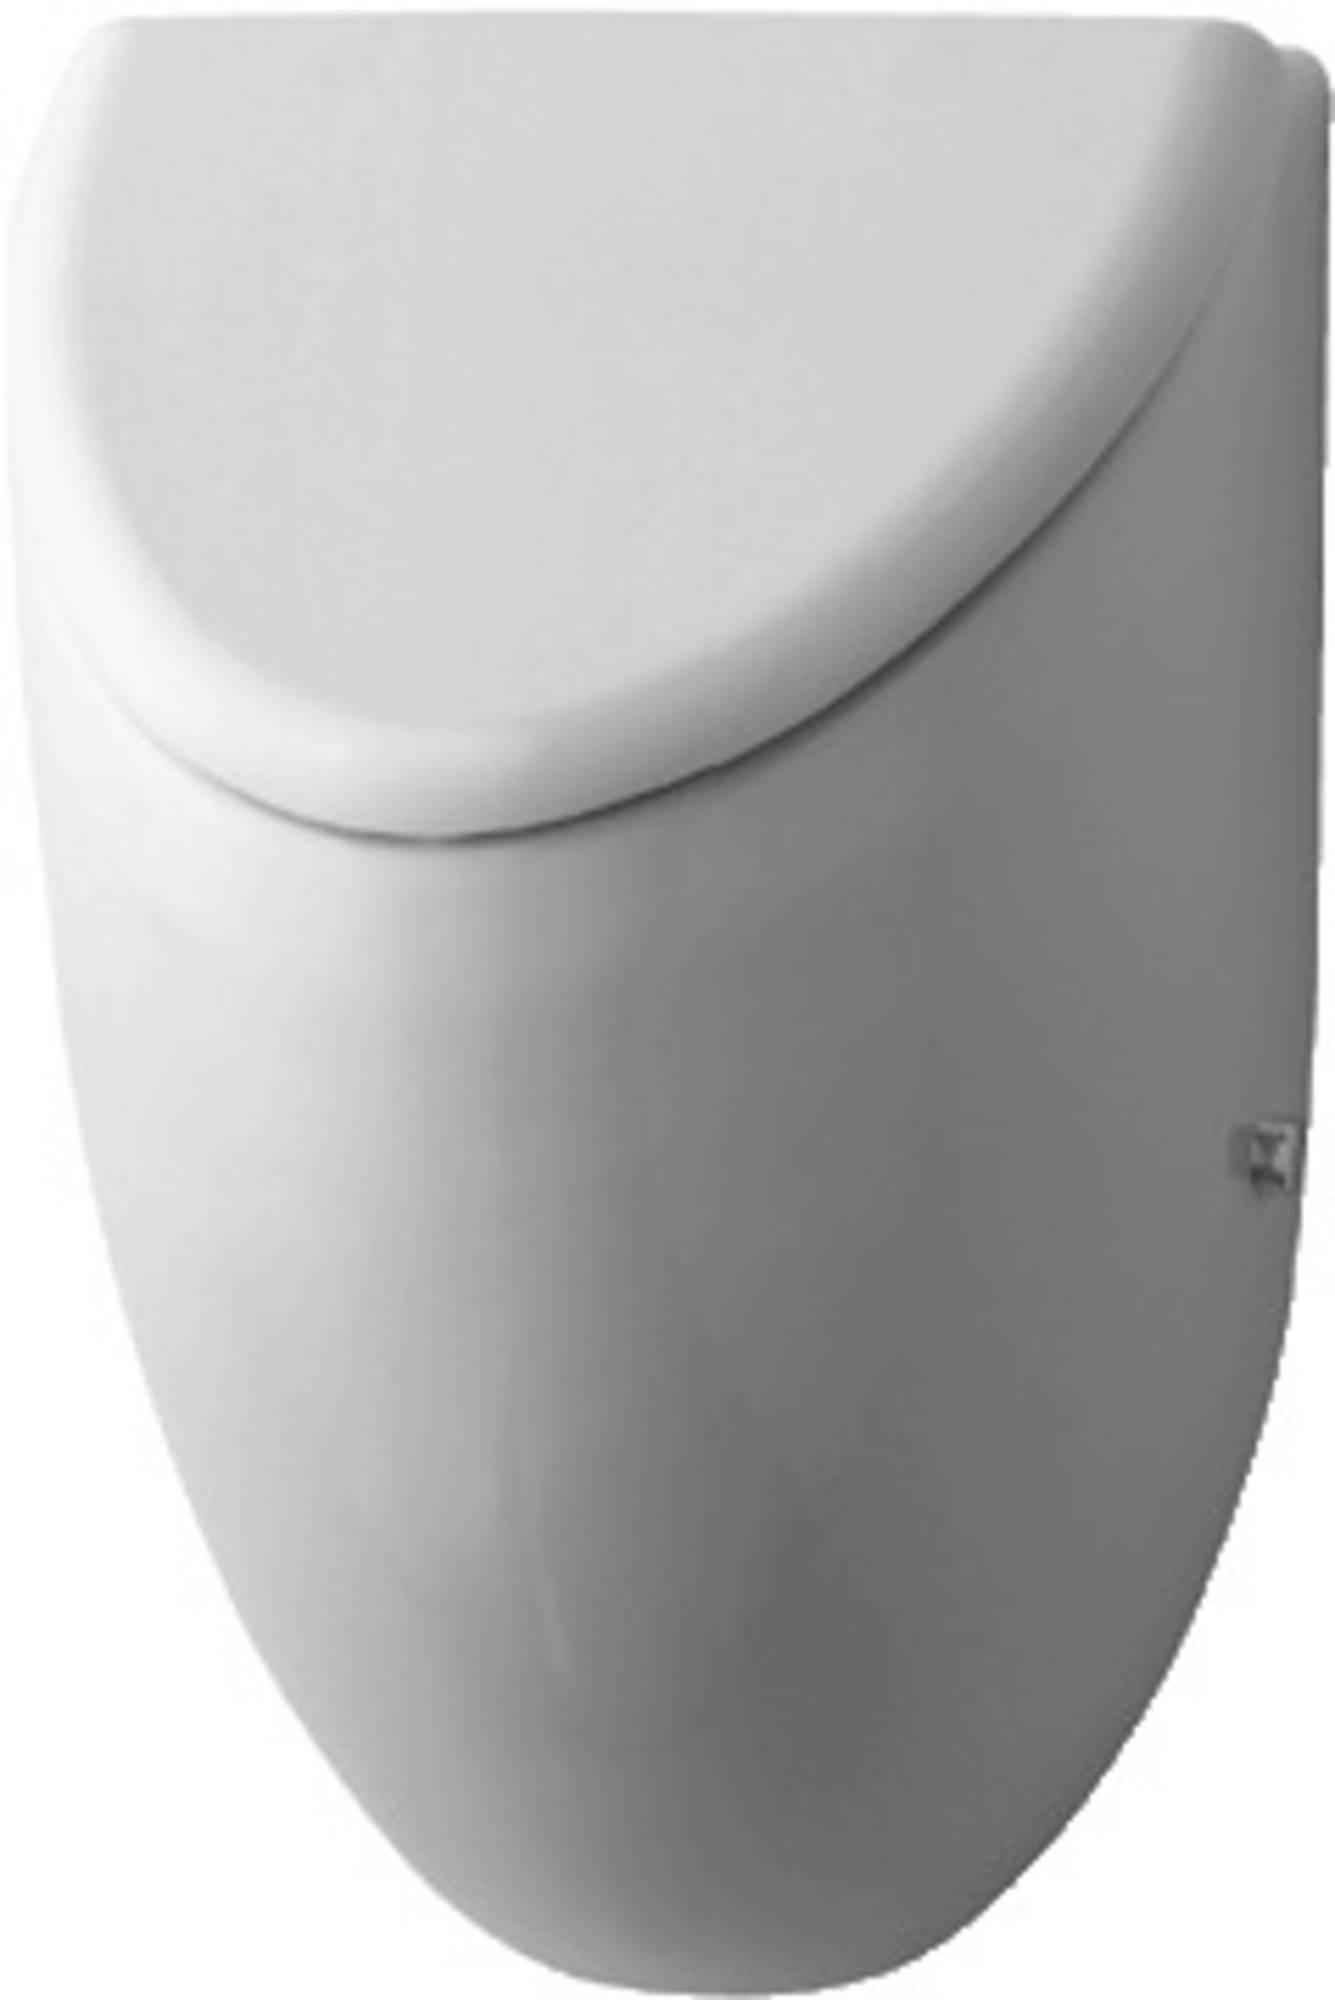 Duravit Fizz urinoir afzuigend voor deksel m. bevestiging achterinlaat met vlieg wit